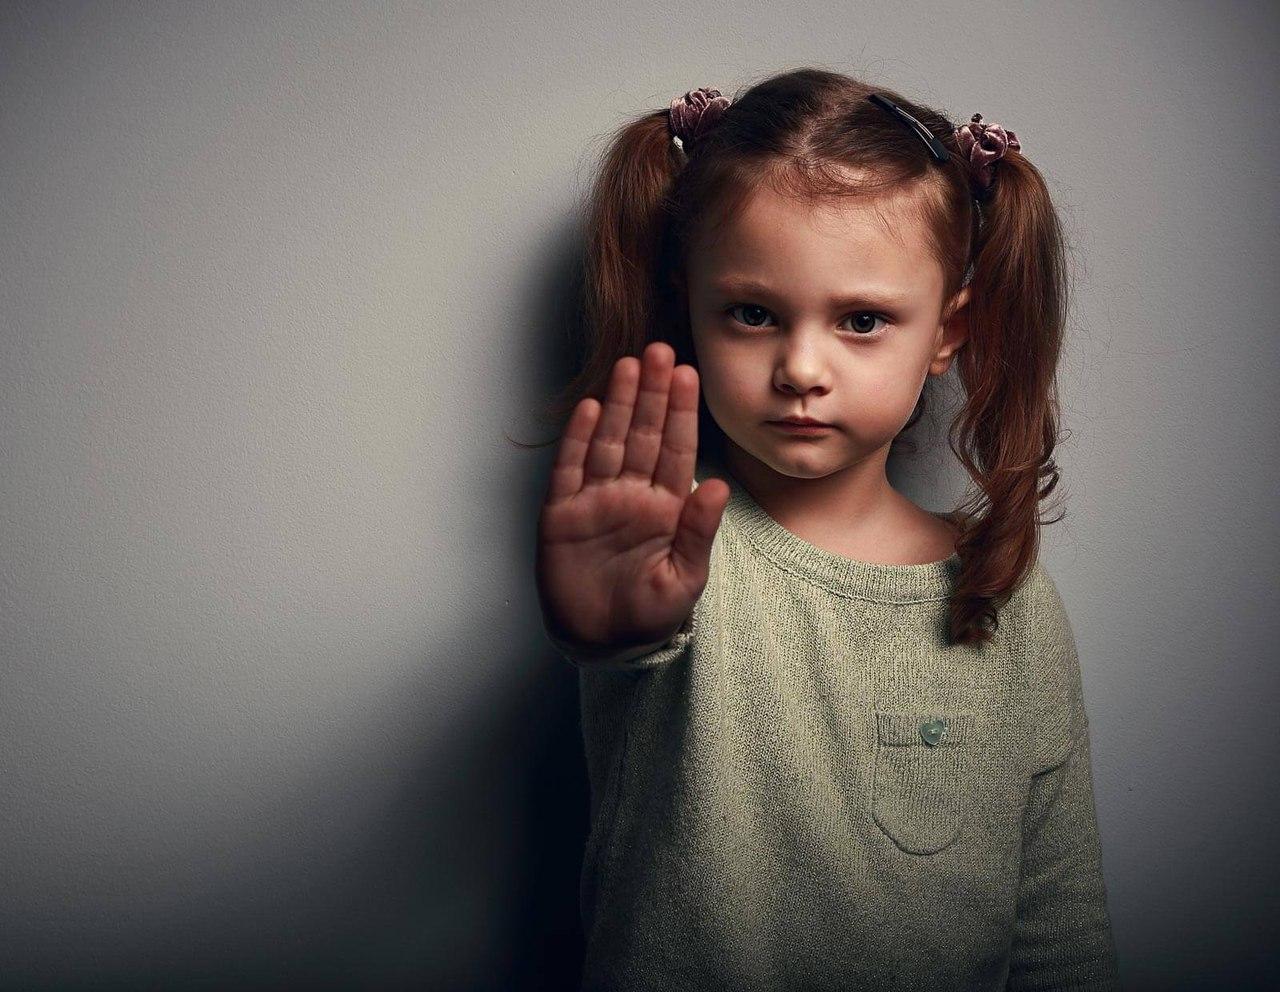 Причины возникновения страхов у маленьких детей